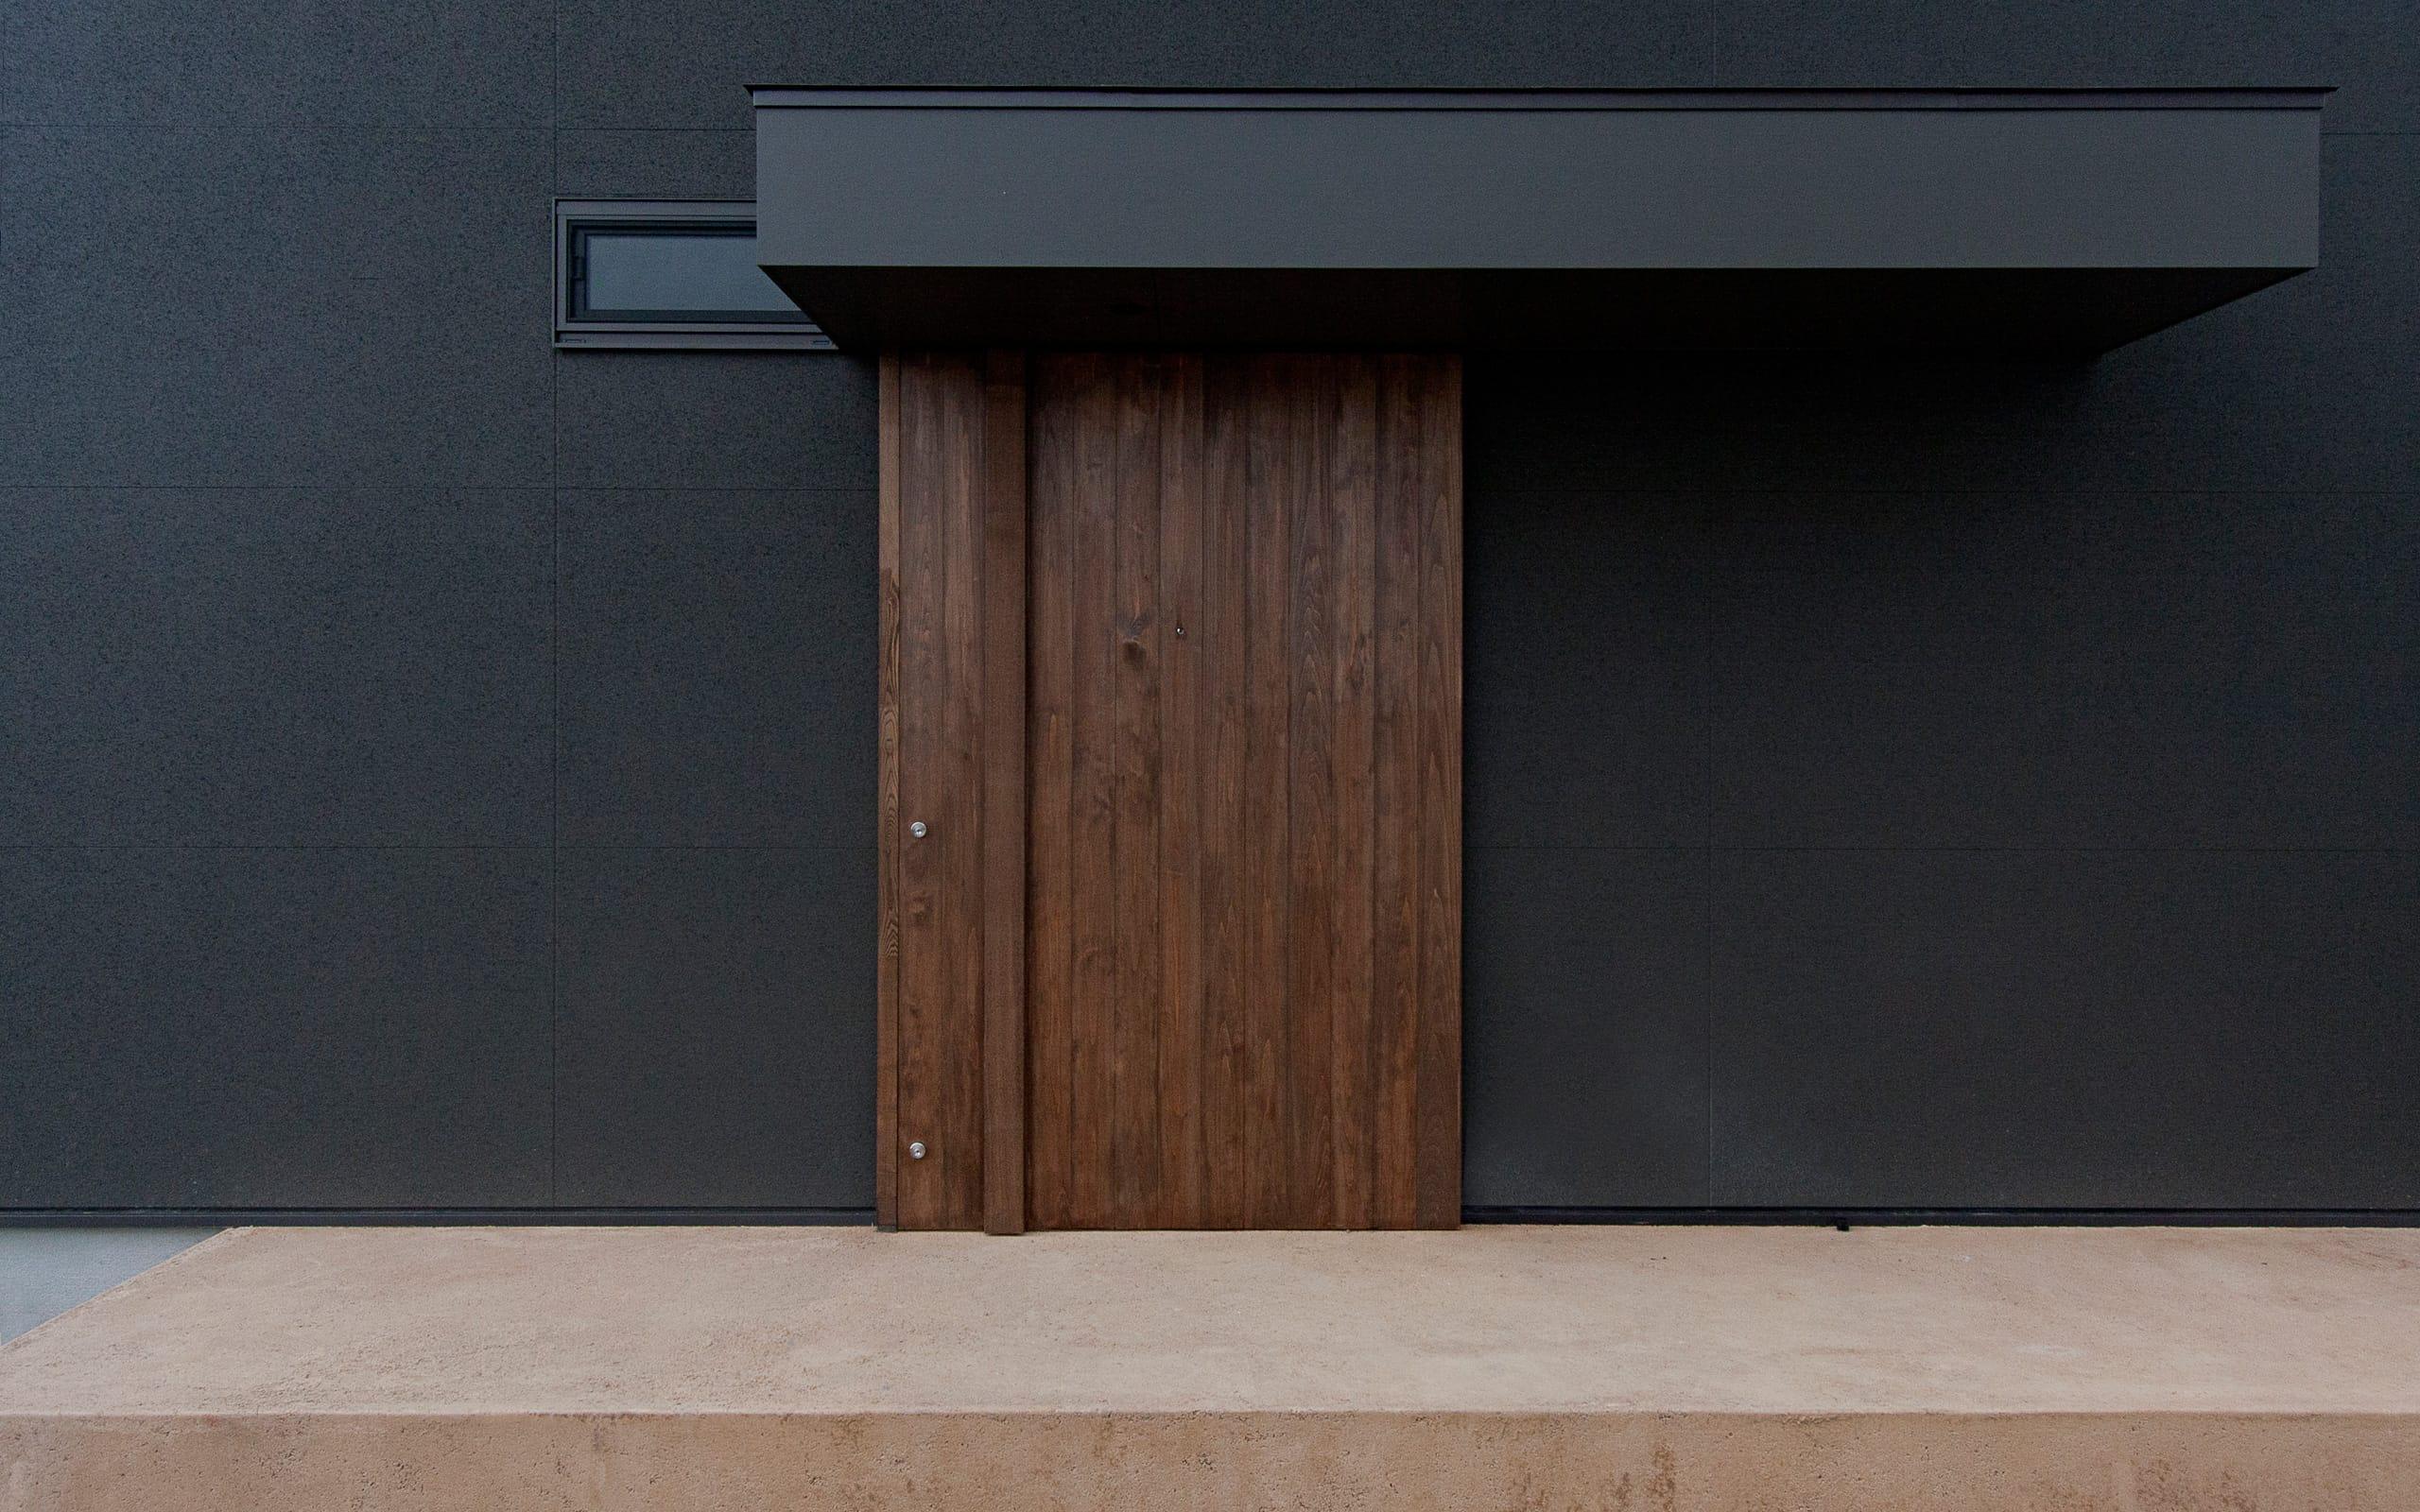 スローライフを楽しめる家のポーチ・玄関扉1